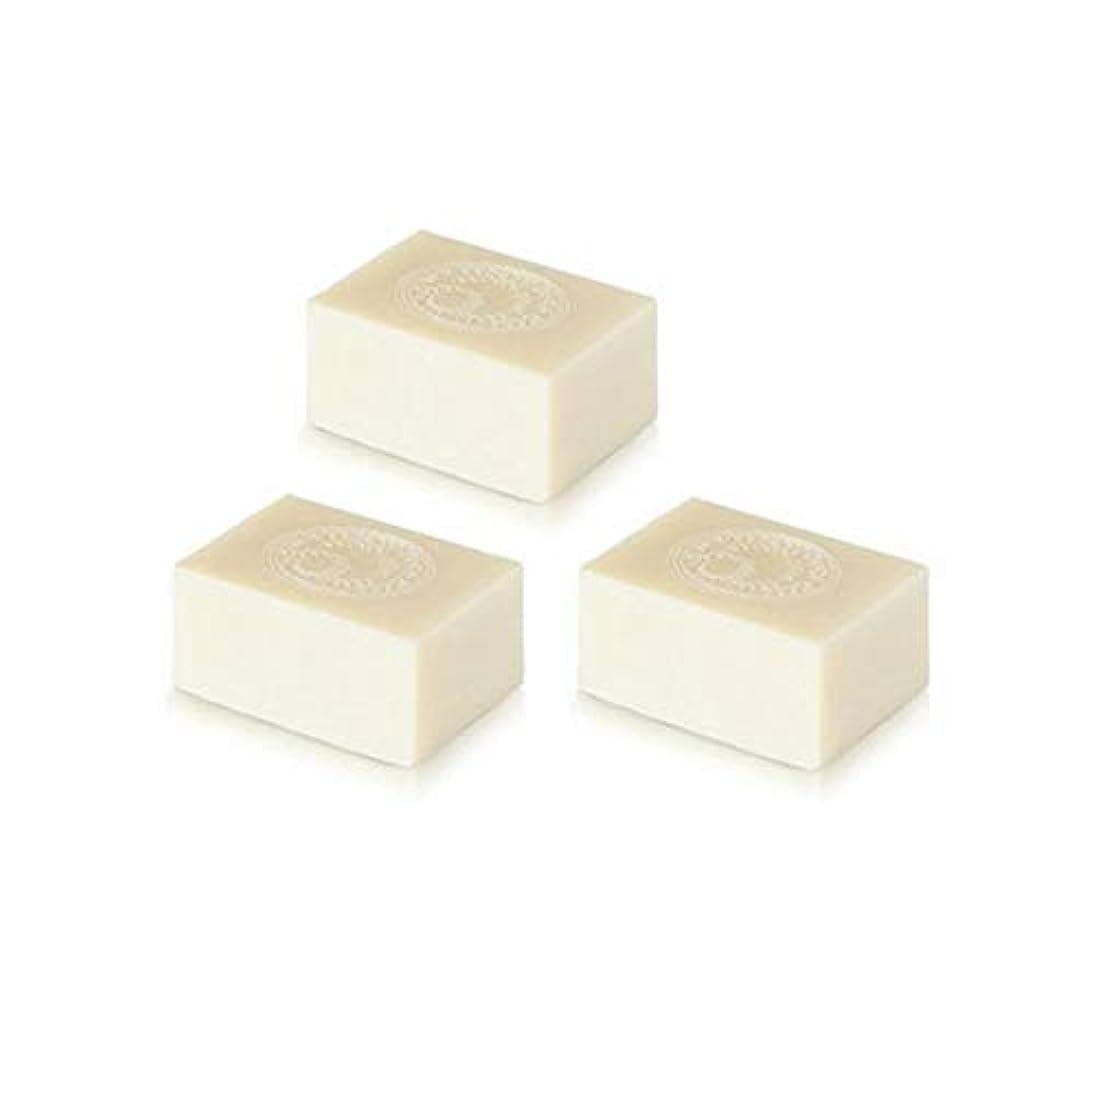 グリース狭い気になるアルガン石鹸3個セット( 145g ×3個) アルガンオイルの完全無添加石鹸